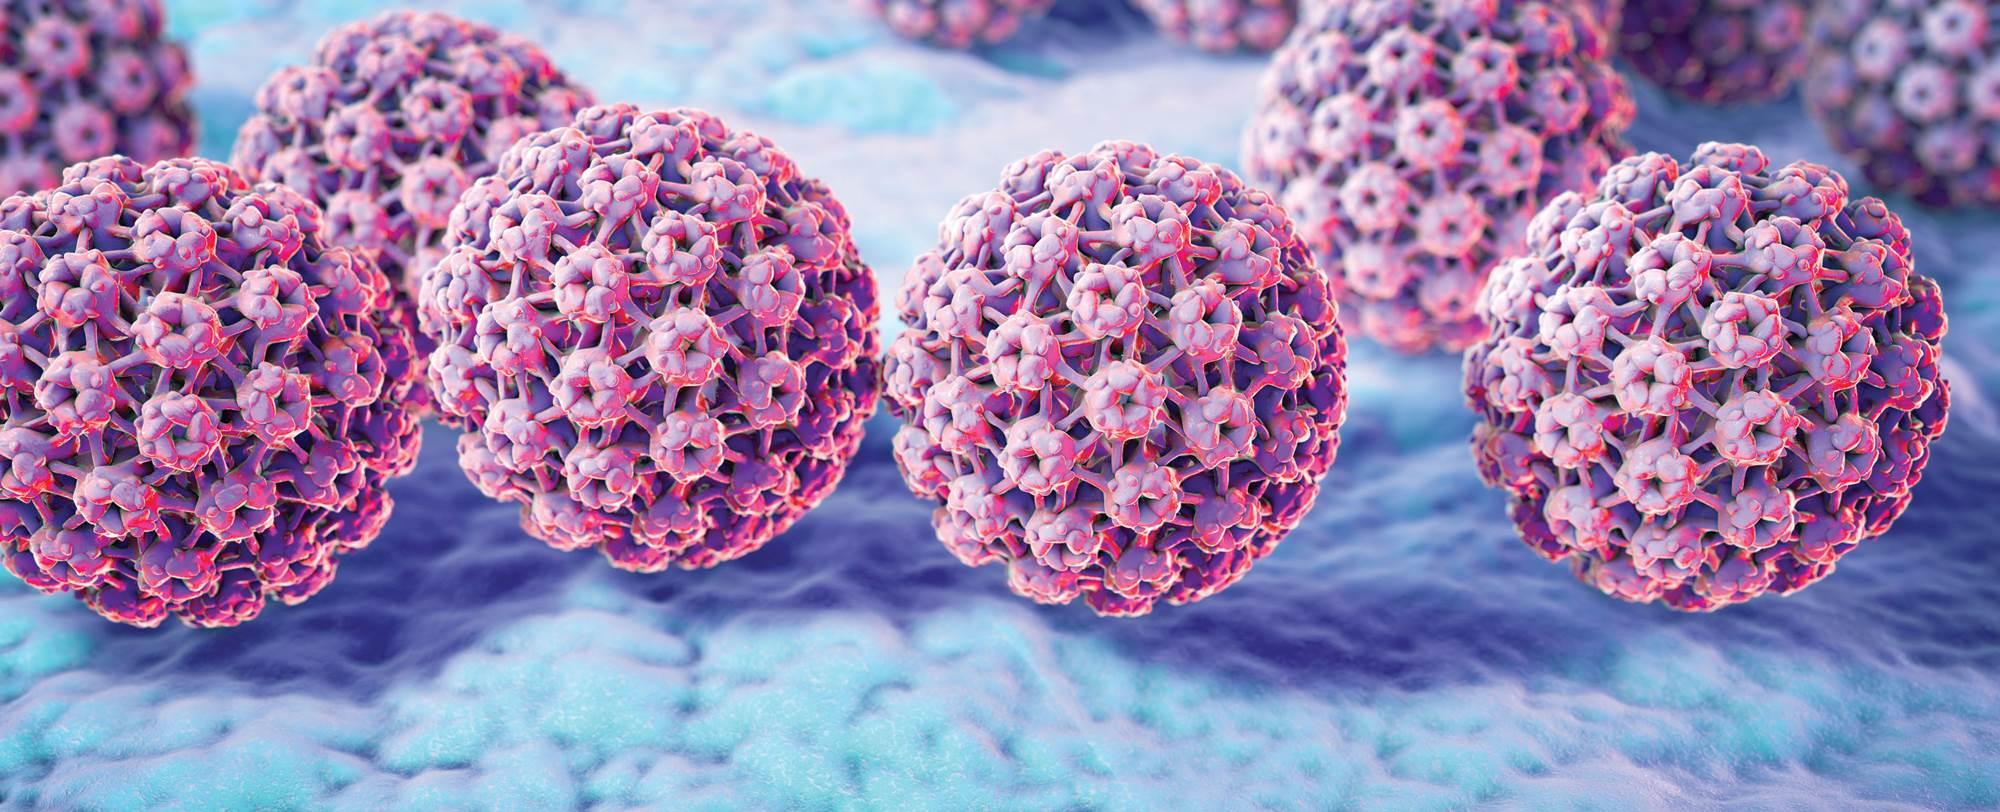 Virus HPV là nguyên nhân chính gây ung thư cổ tử cung giai đoạn đầu phổ biến nhất hiện nay